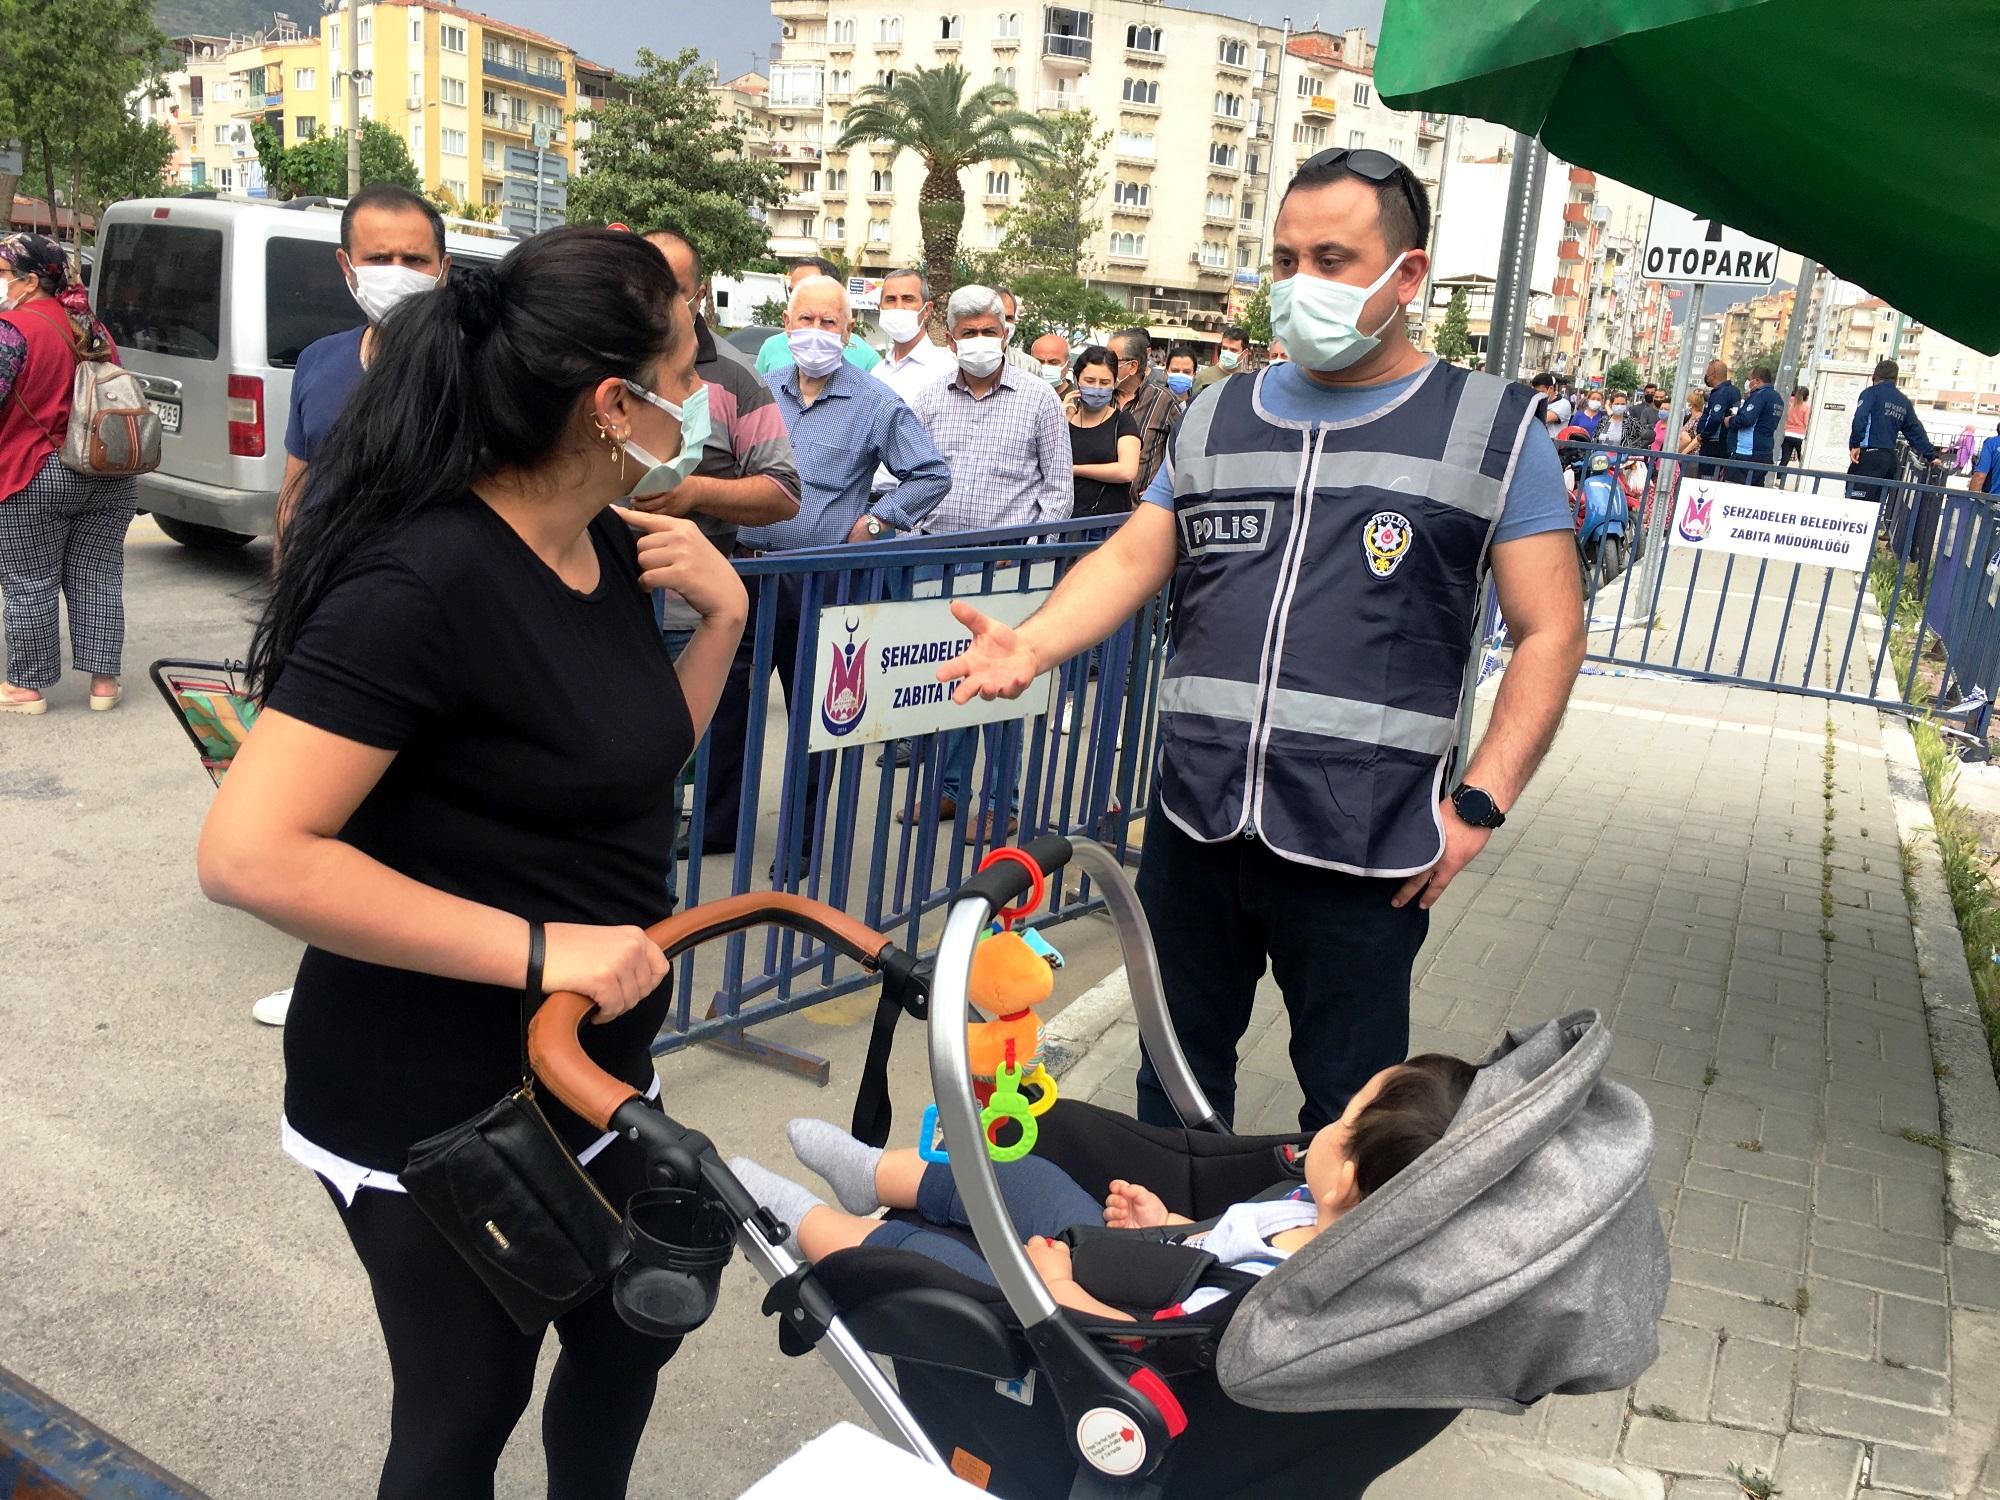 Bebekli ve çocuklu anneler ve kadınlar hem pazaryerindehem de marketler zincirlerinde geri döndürüldü